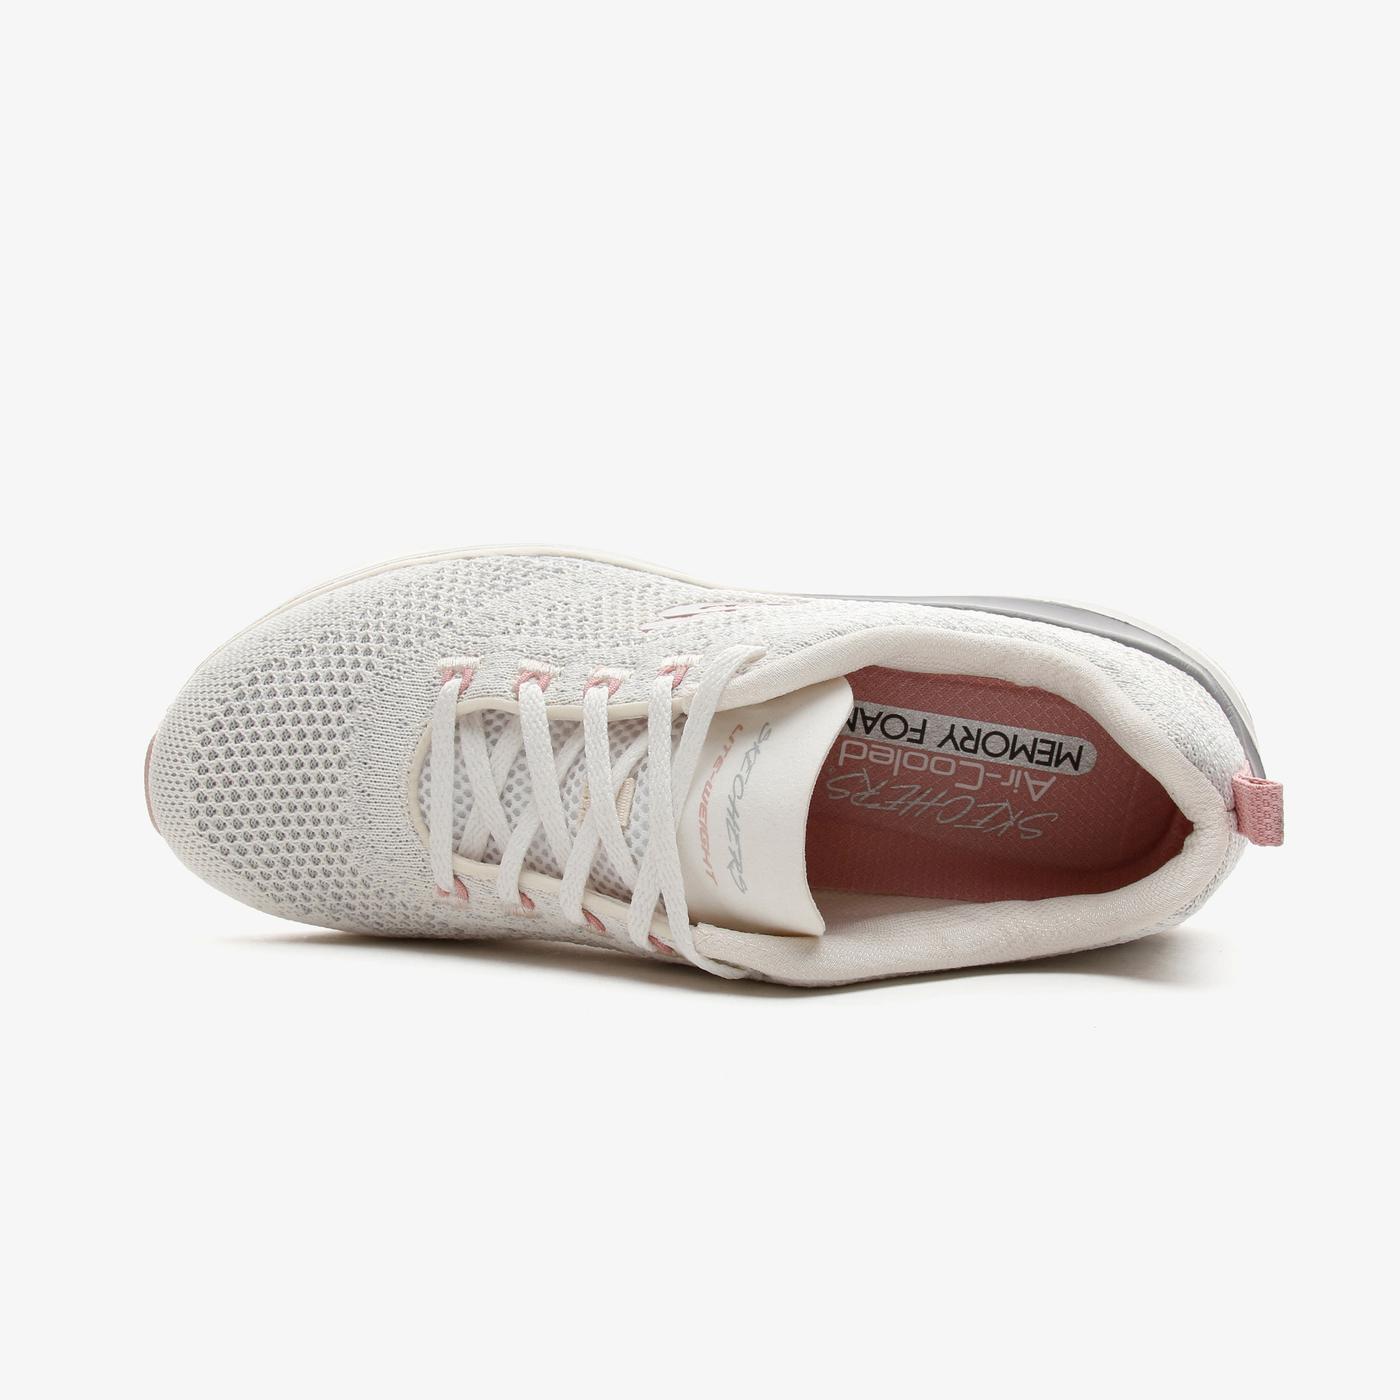 Skechers Ultra Groove - Kadın Beyaz Spor Ayakkabı